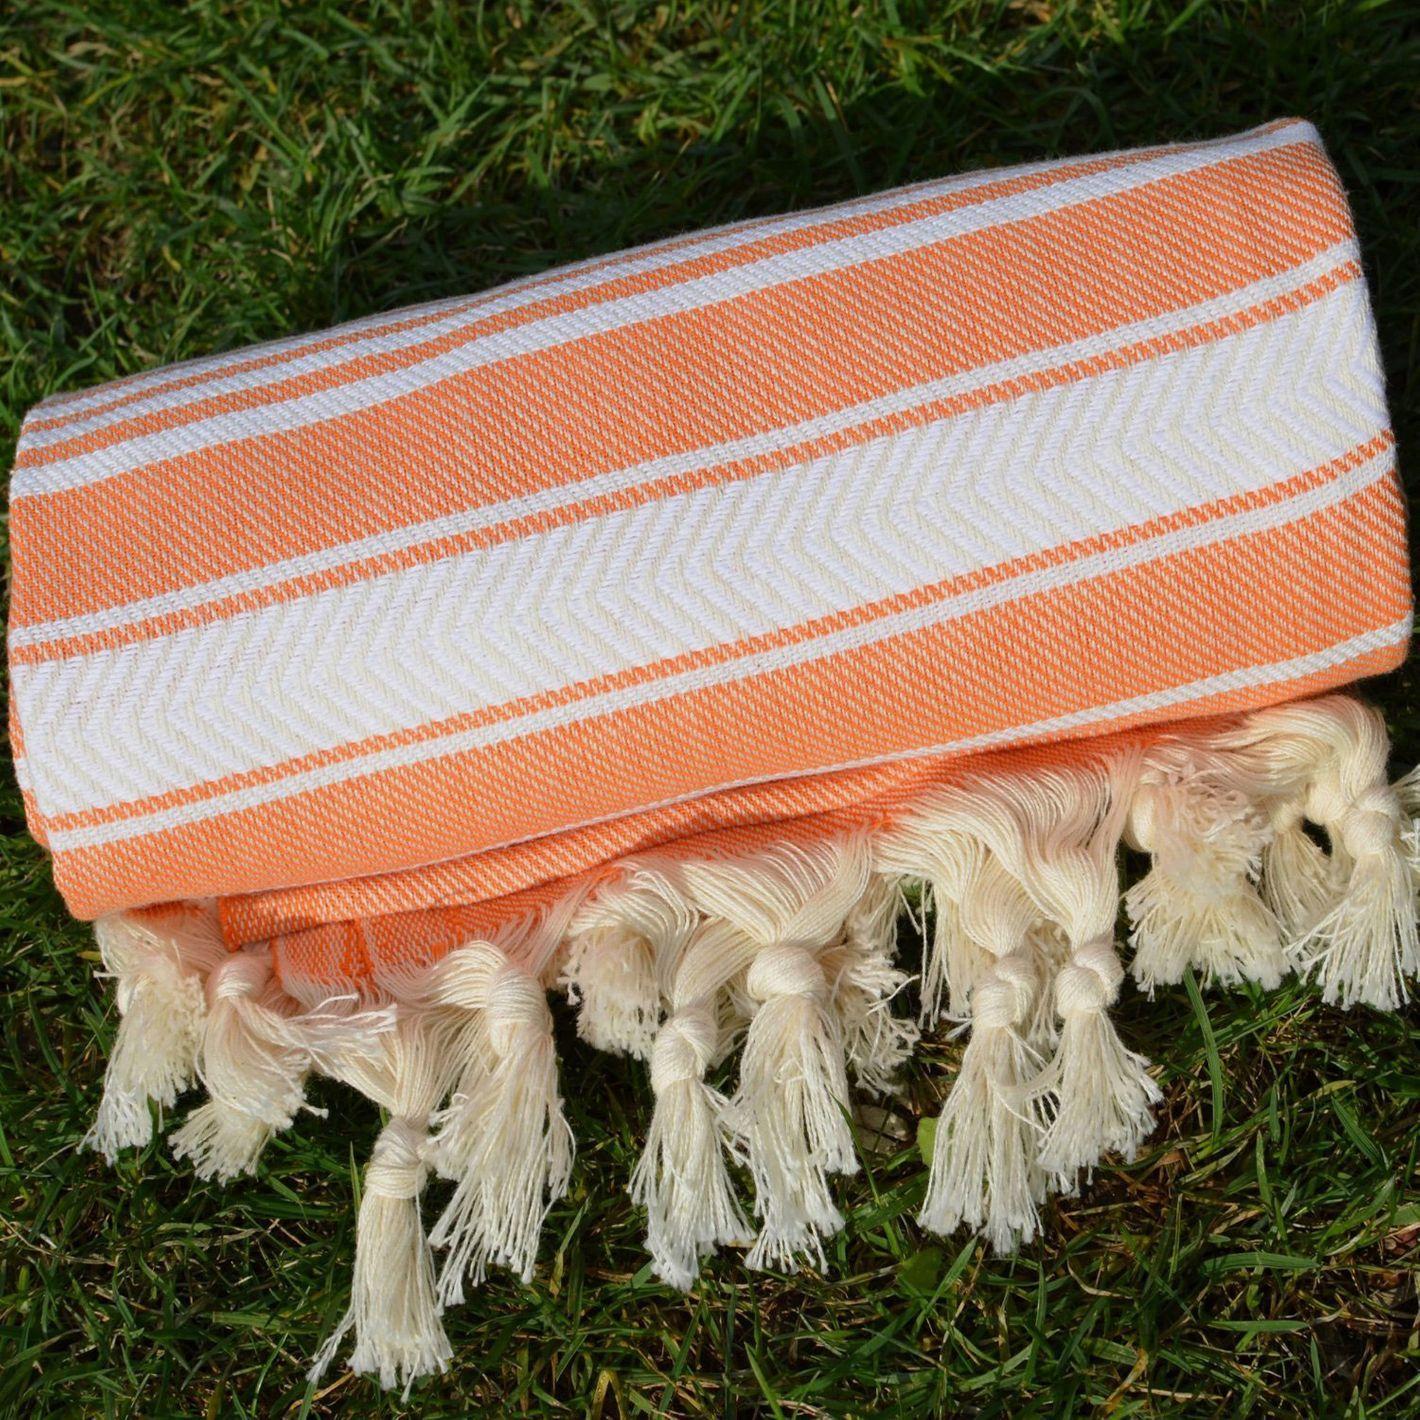 Dandelion Textile Basic Pattern Naturally-Dyed Cotton Turkish Towel Peshtemal